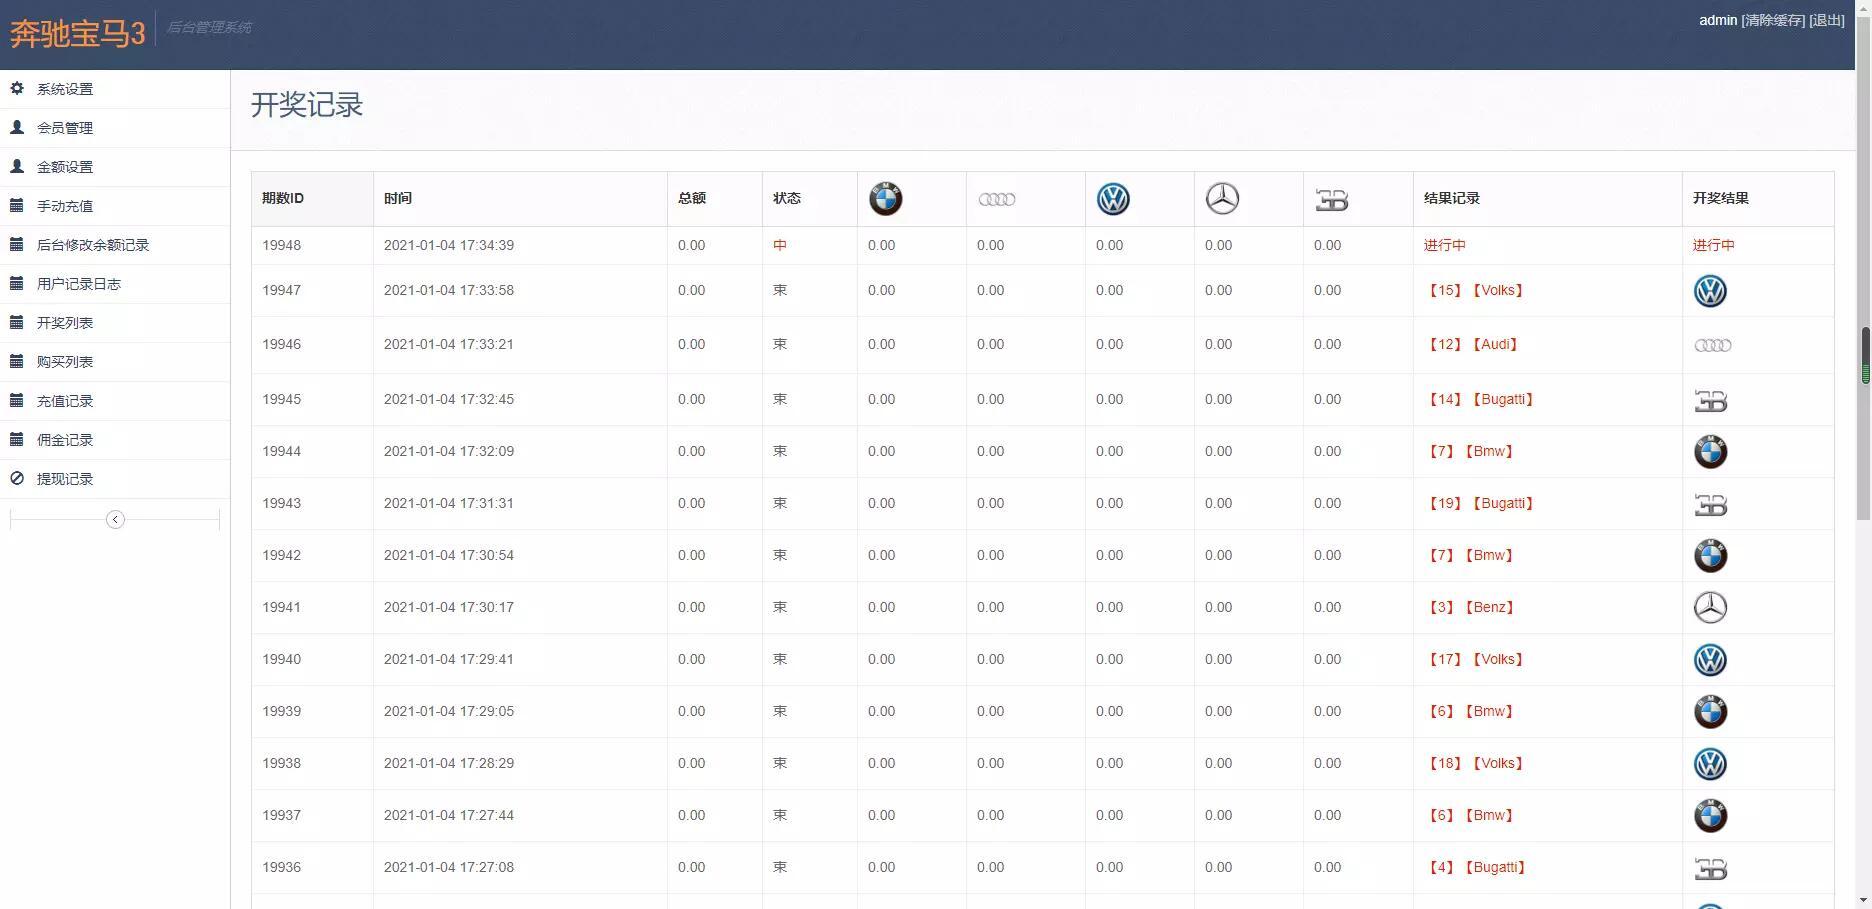 【亲测】H5奔驰宝马完整最新修复运营级源码 推广正常+上下级正常 支持无限回调 已对接支付 棋牌源码 第5张